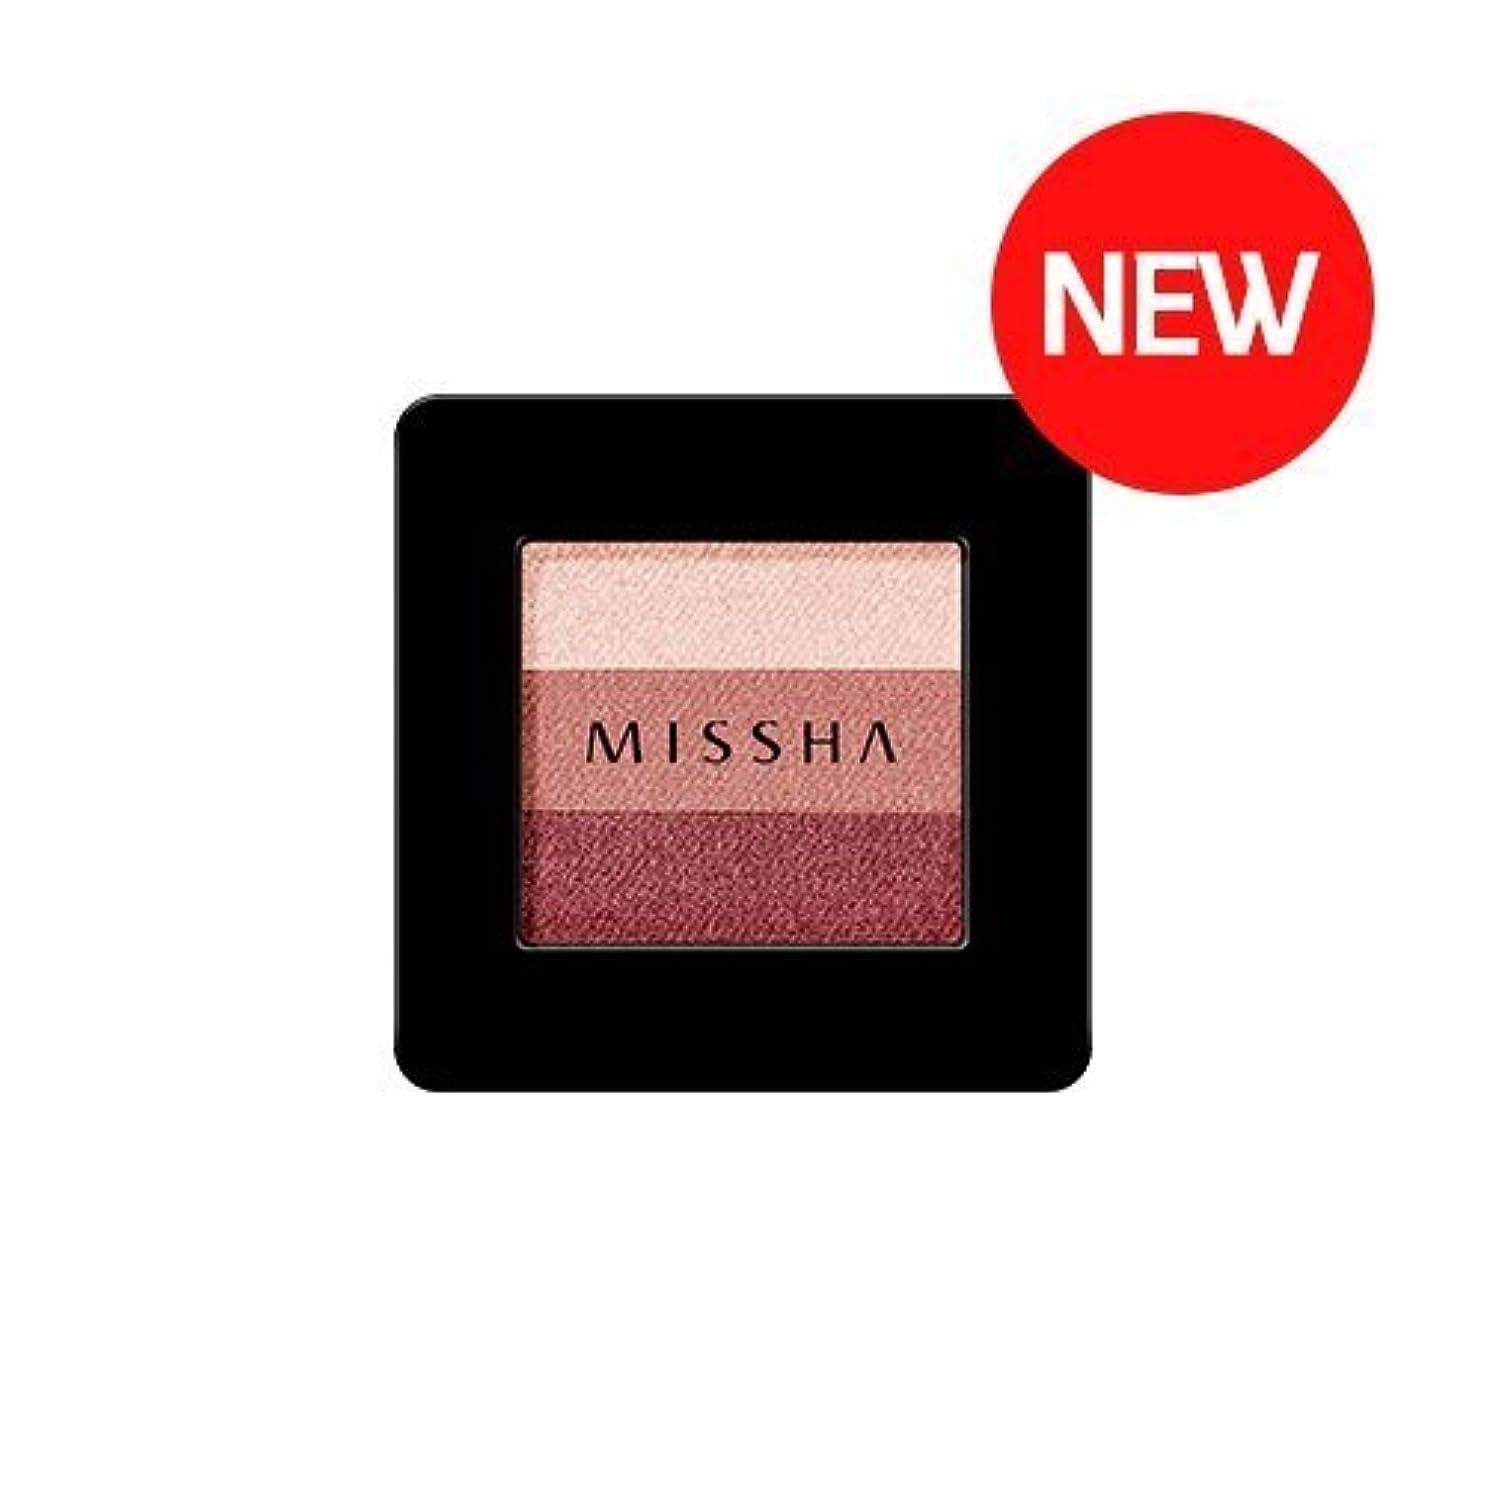 先例くそー回答[Missha] ミシャ トリプルアイシャドウ 2017 秋冬 NEW COLOR 4色 (#16 Rose Fondue) [並行輸入品]